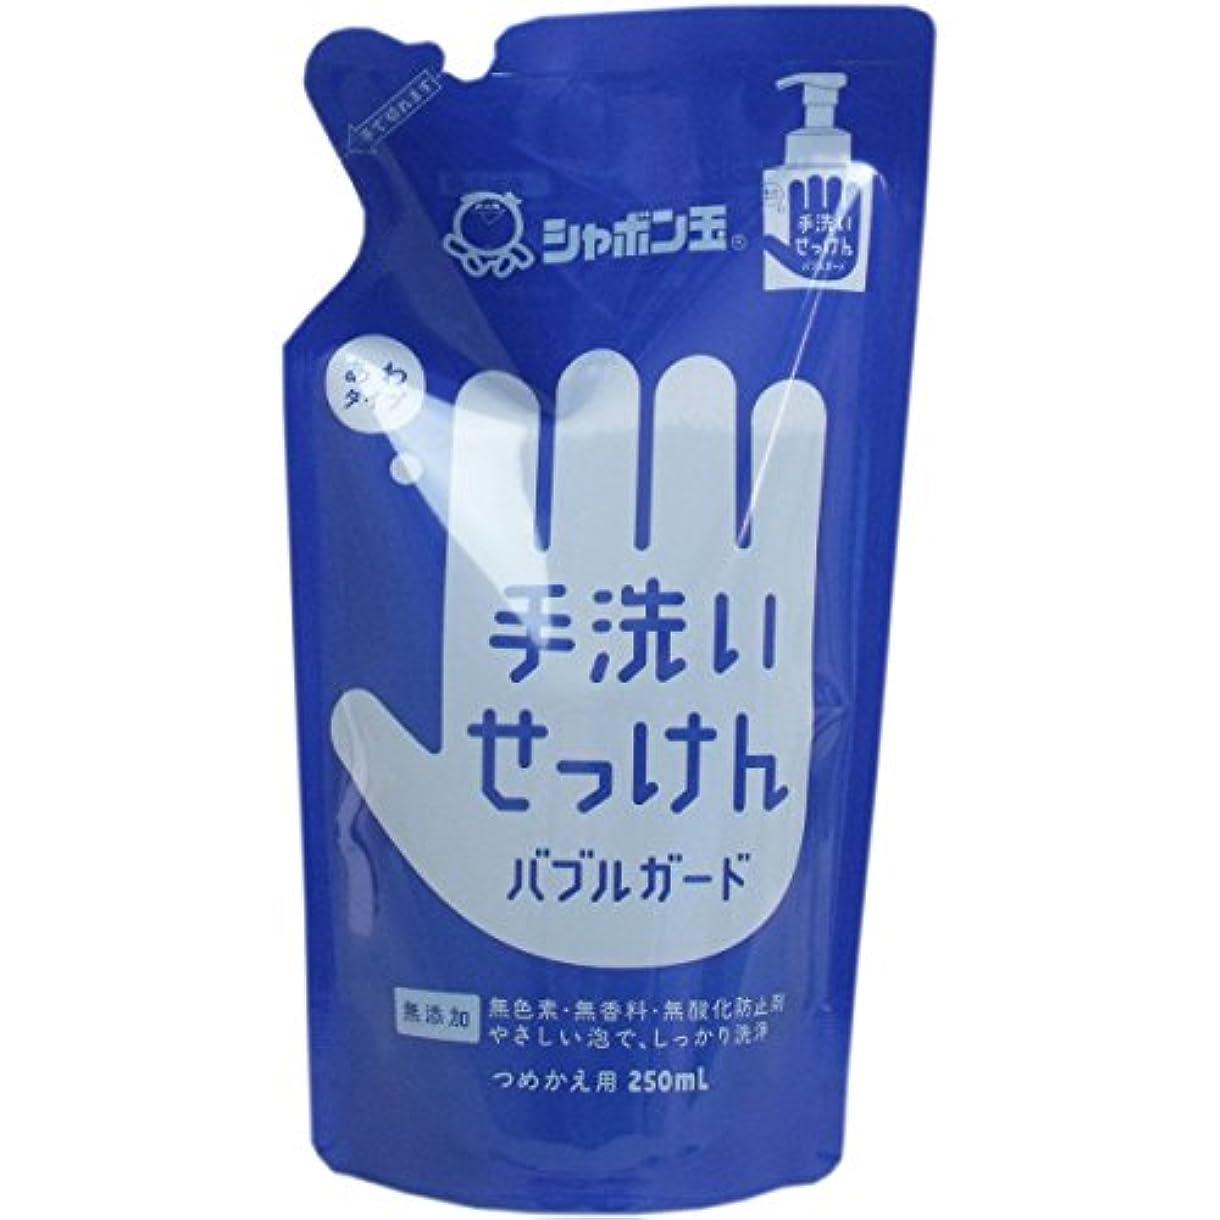 害虫真夜中考案するシャボン玉石けん 手洗いせっけん バブルガード 詰め替え用 250ml 【12個セット】